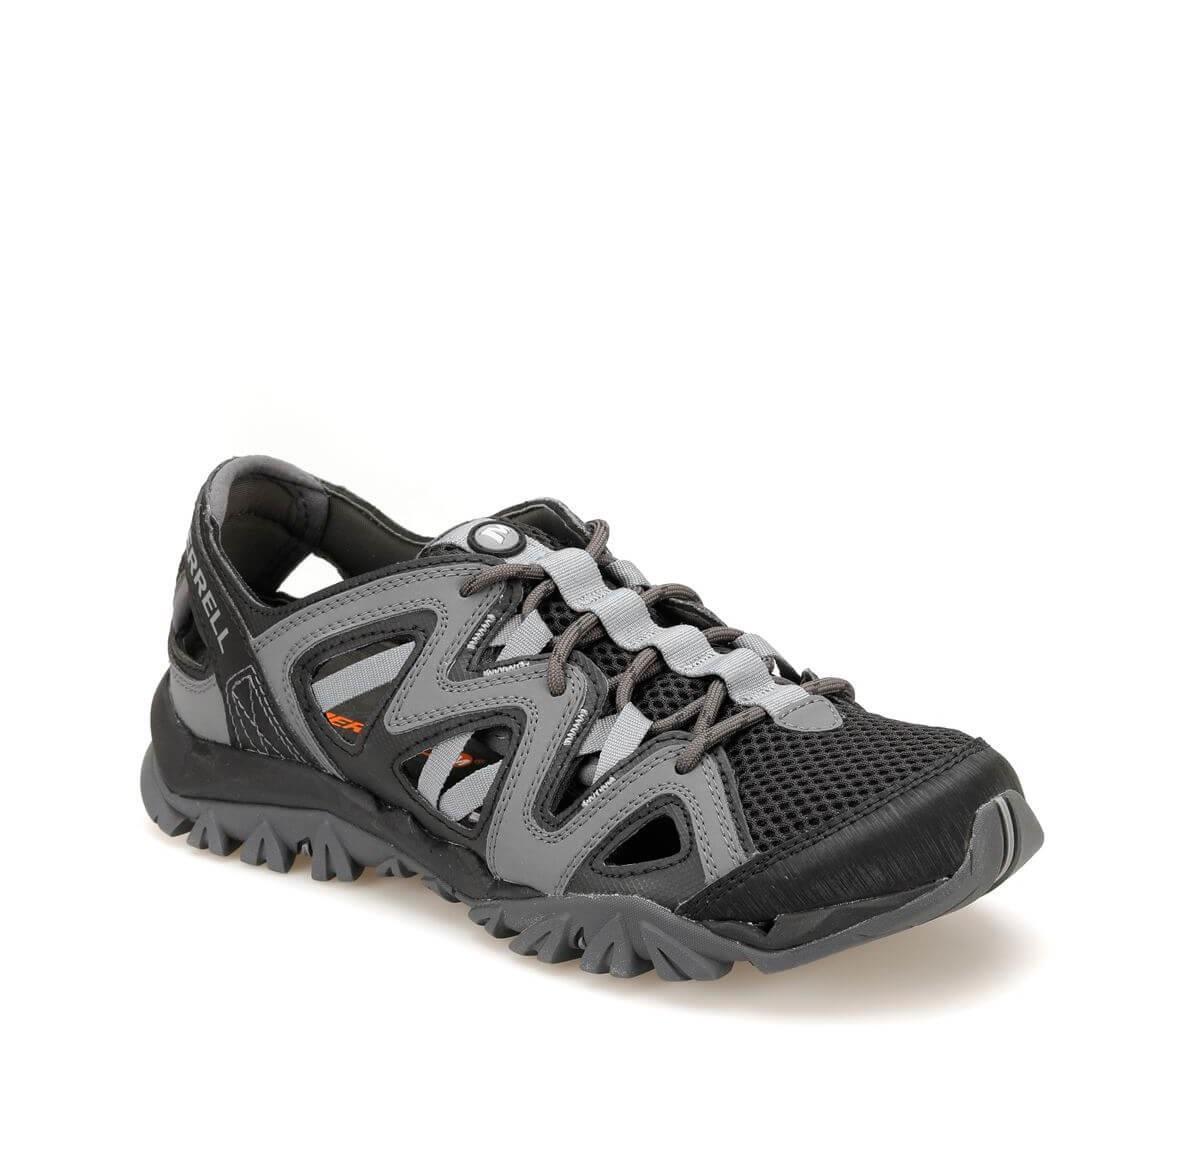 Merrell Tetrex Crest Wrap Kadın Ayakkabısı J12844